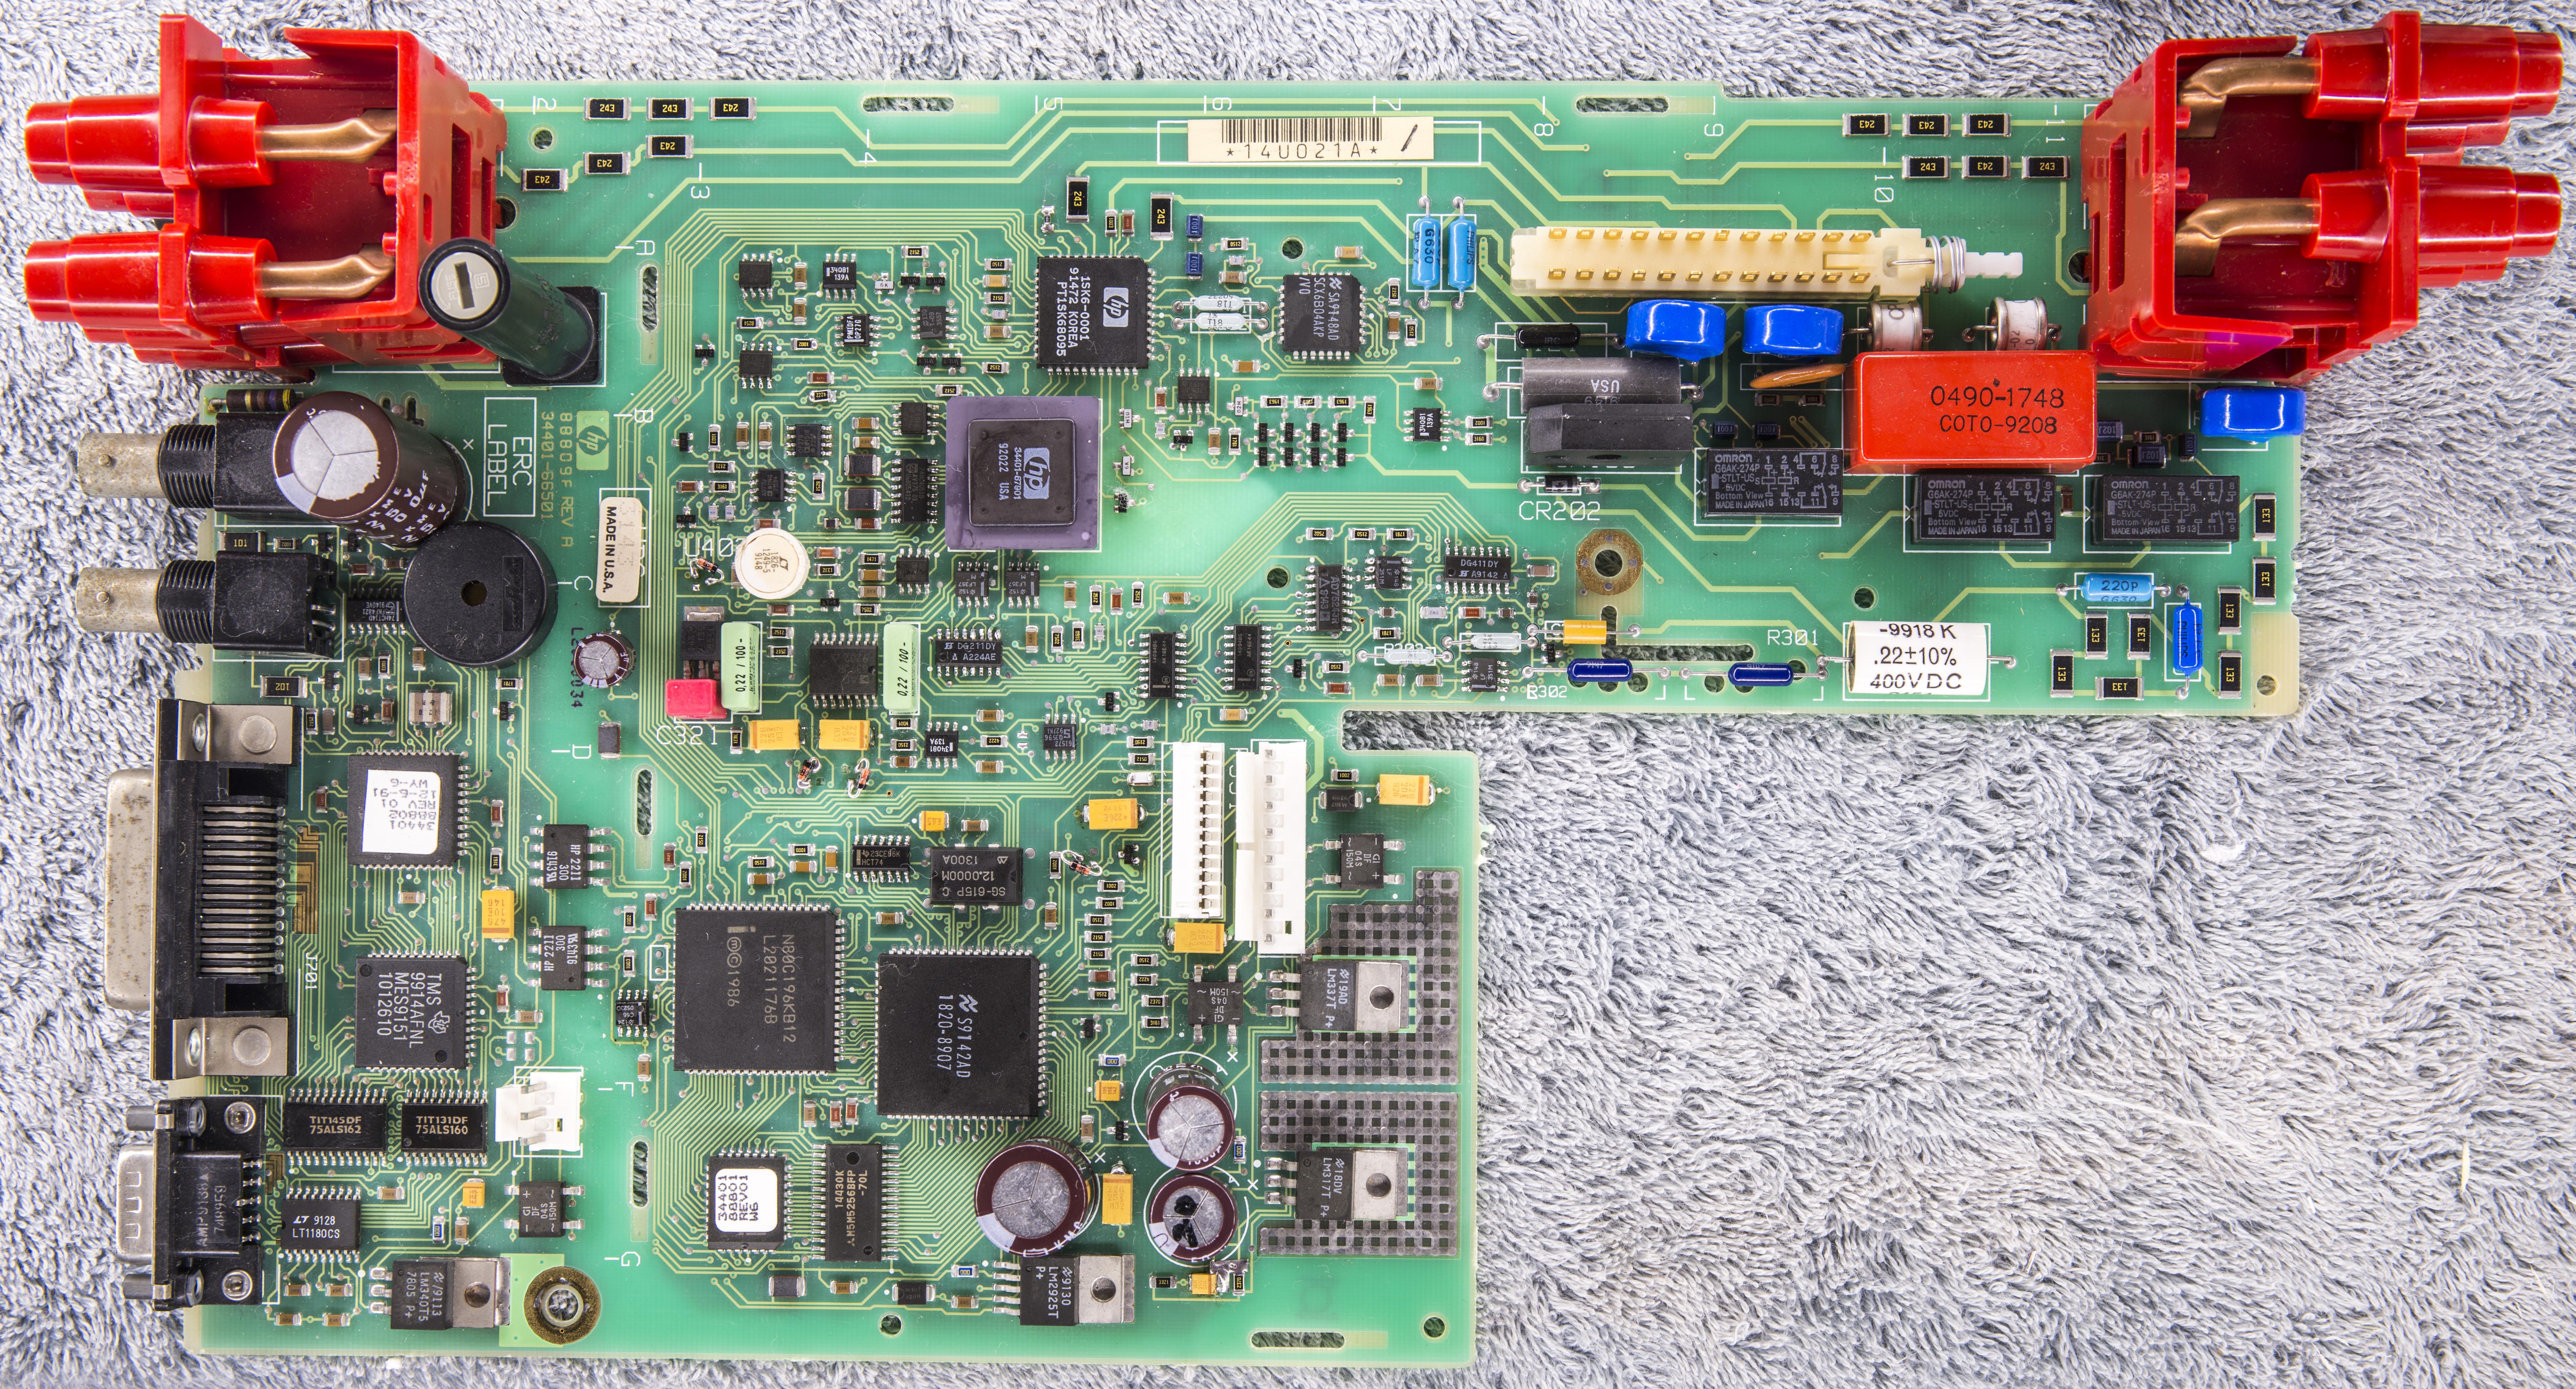 xdevs com hp 34401a repair and calibration worklog rh xdevs com Agilent 34401A Pads Agilent 34401A Driver